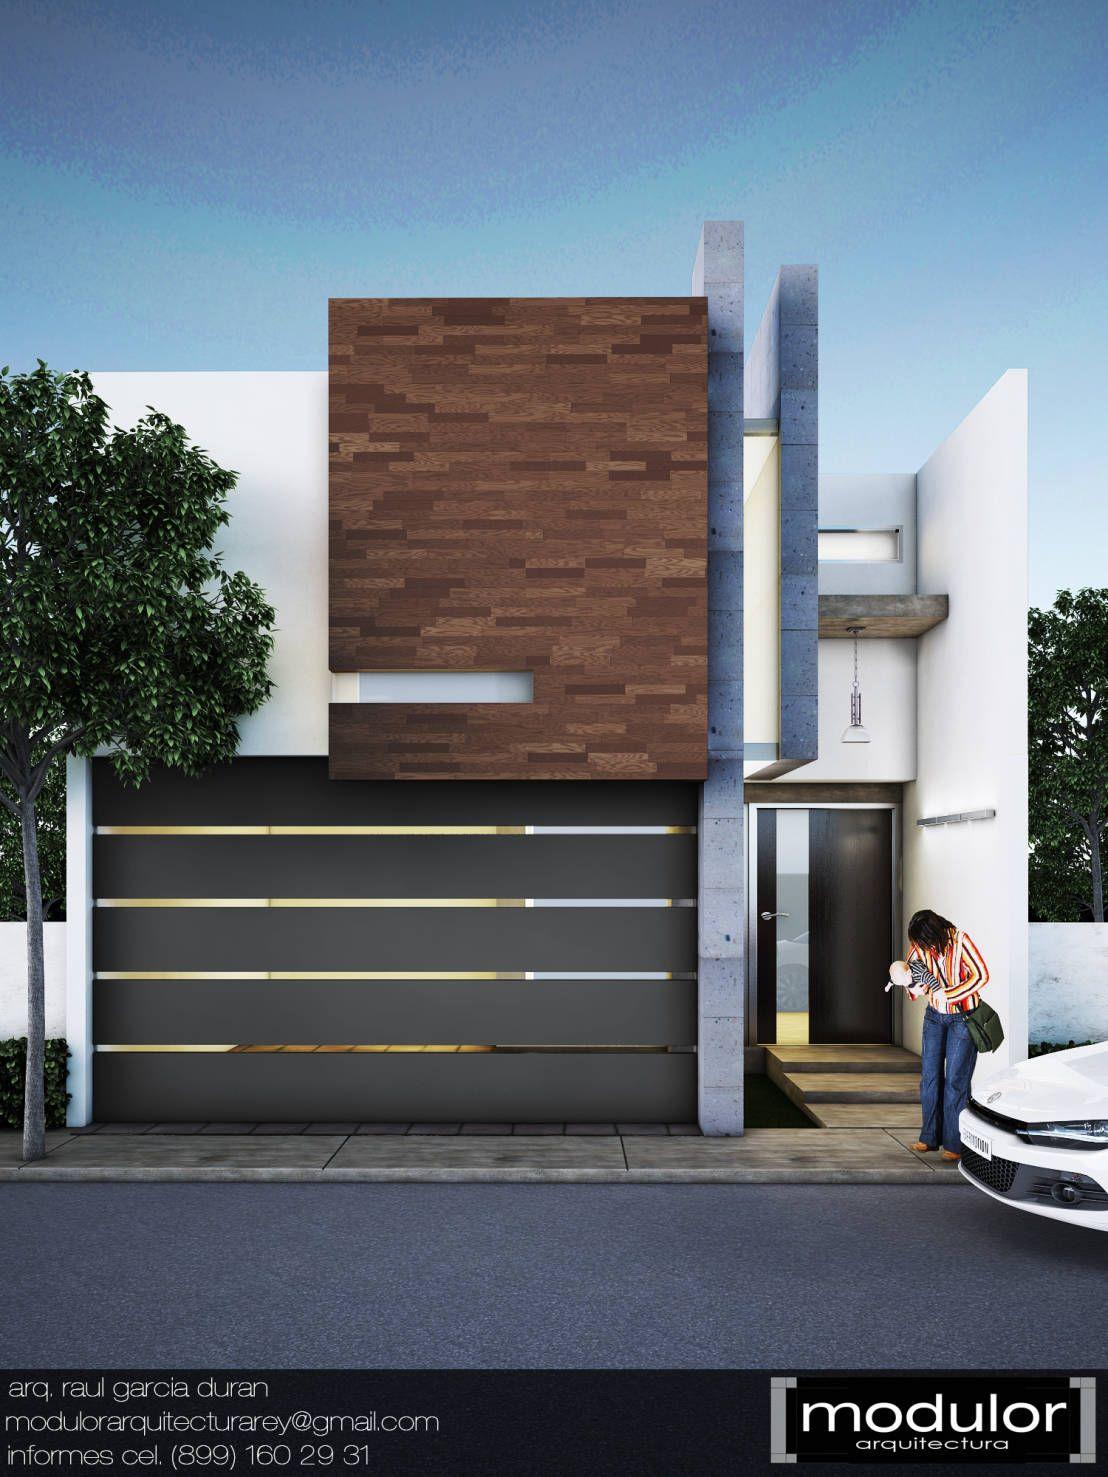 Fachada mrios de modulor arquitectura viaducto for Casa de arquitecto moderno